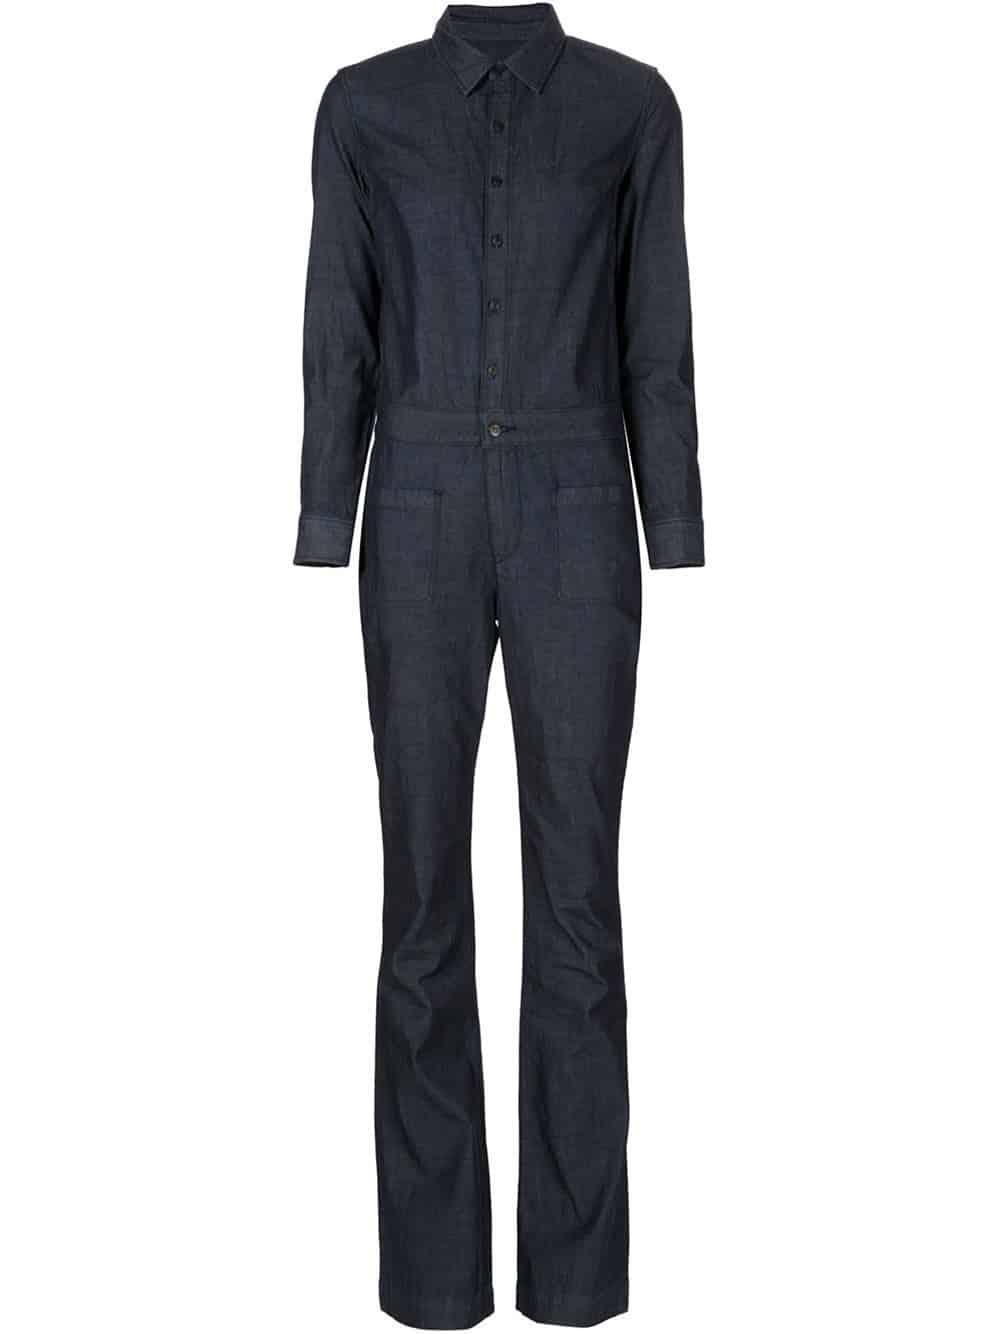 Denim jumpsuit, £363.34, 3 X 1. www.farfetch.com